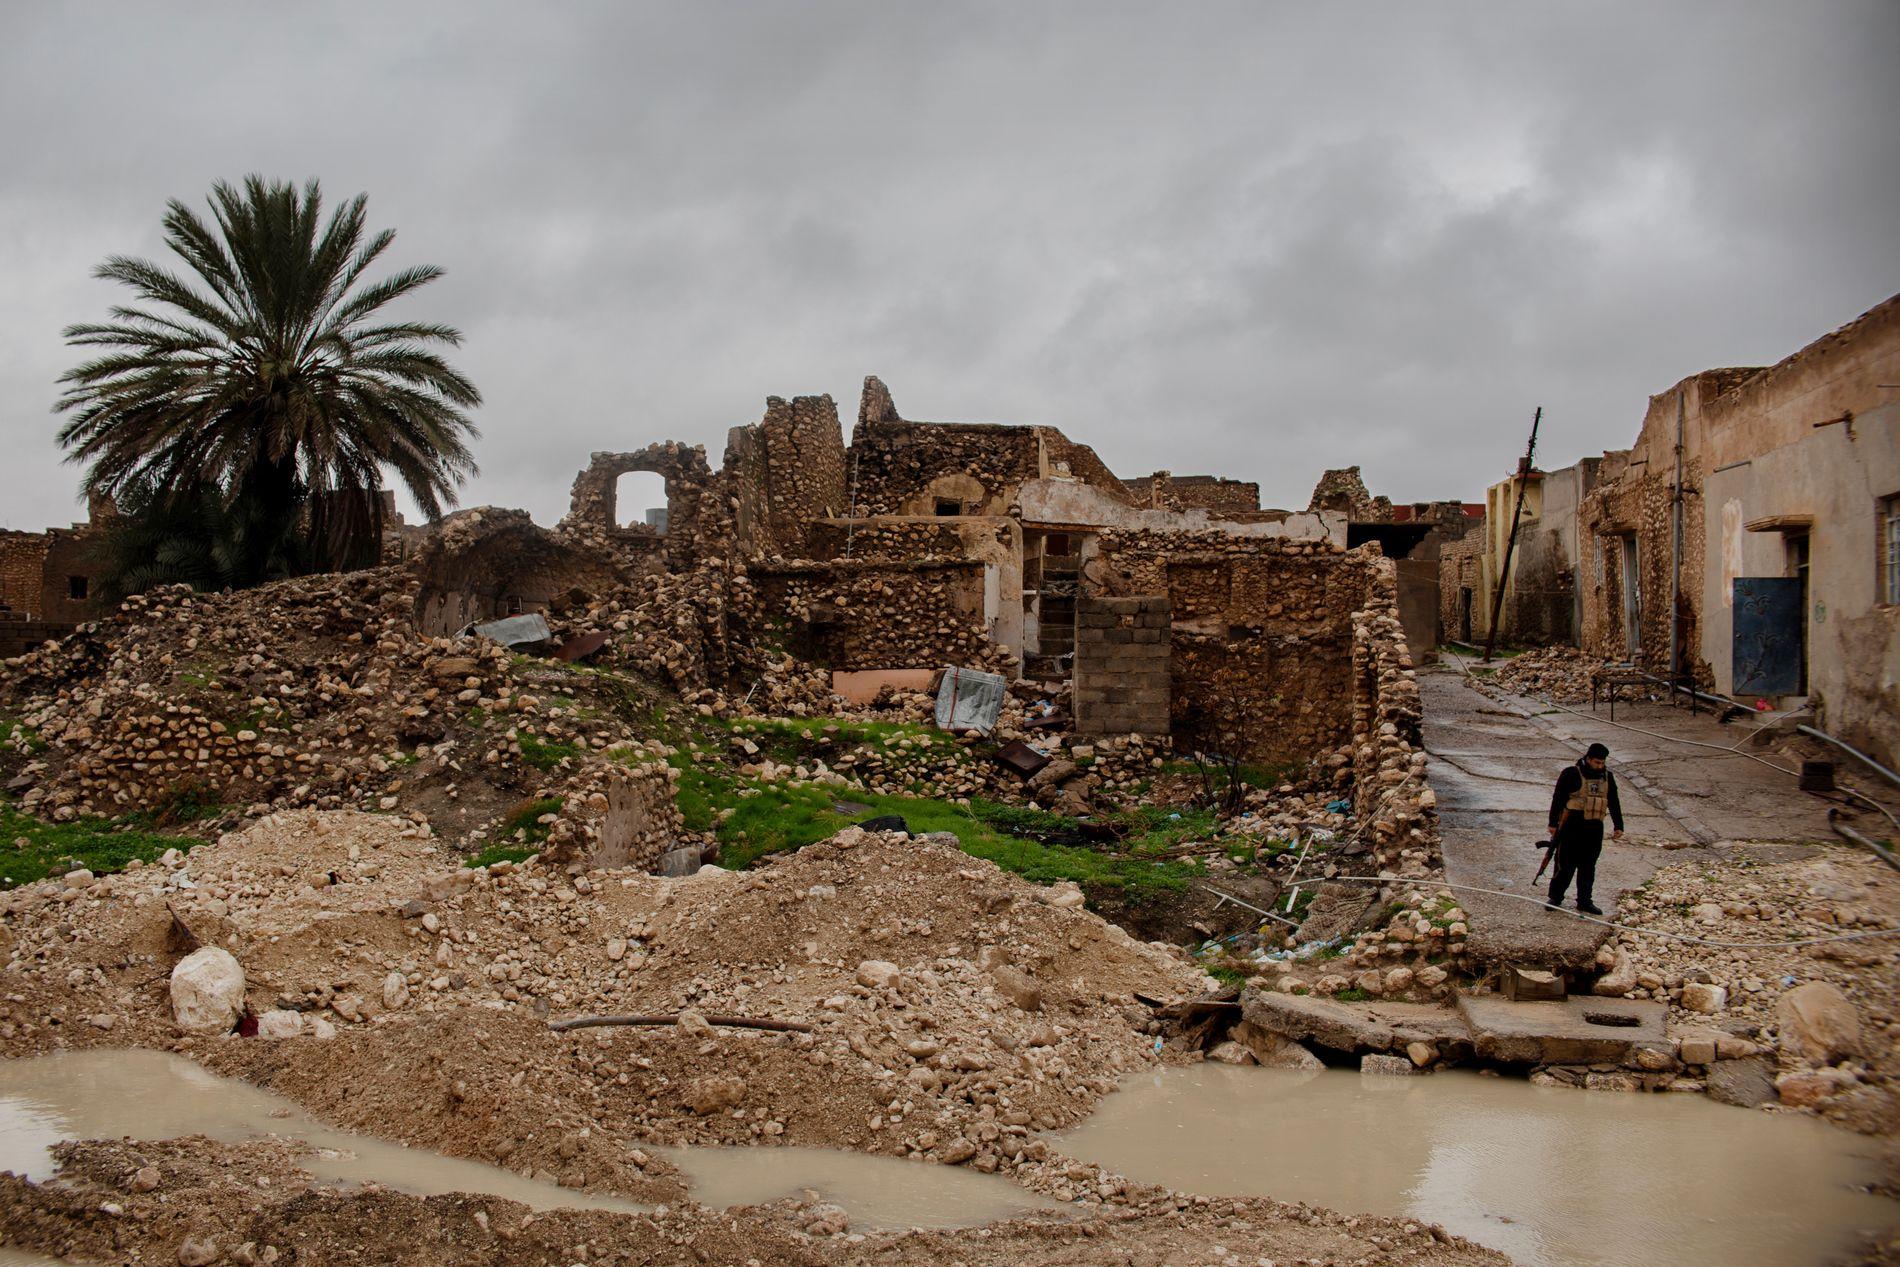 SINJAR: Slik ser det ut i gamlebyen i Sinjar by. Jesidienes hjemplasser ligger i stor grad i ruiner, og flere hus er fortsatt minelagte etter IS.